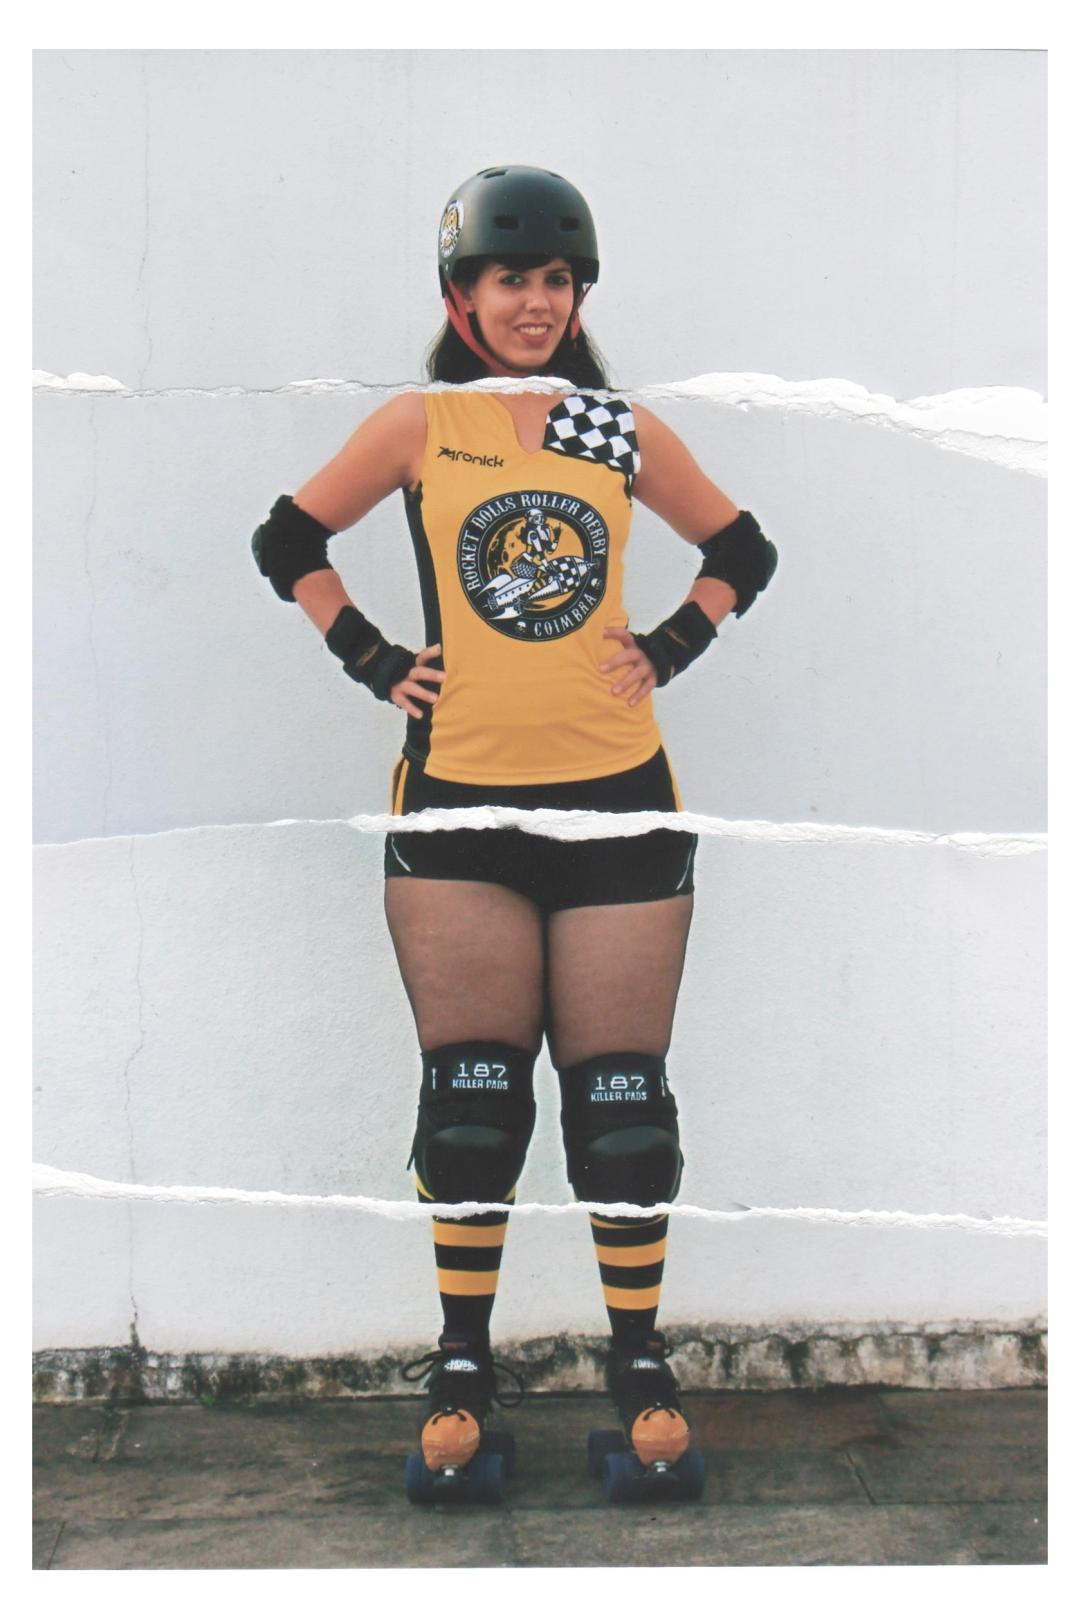 Sabes qual é o corpo ideal para uma jogadora de roller derby? Todos! Mete-lhe dentro dedicação, determinação, garra, muito treino e uma boa dose de loucura! Et voilà! Aqui está ela…